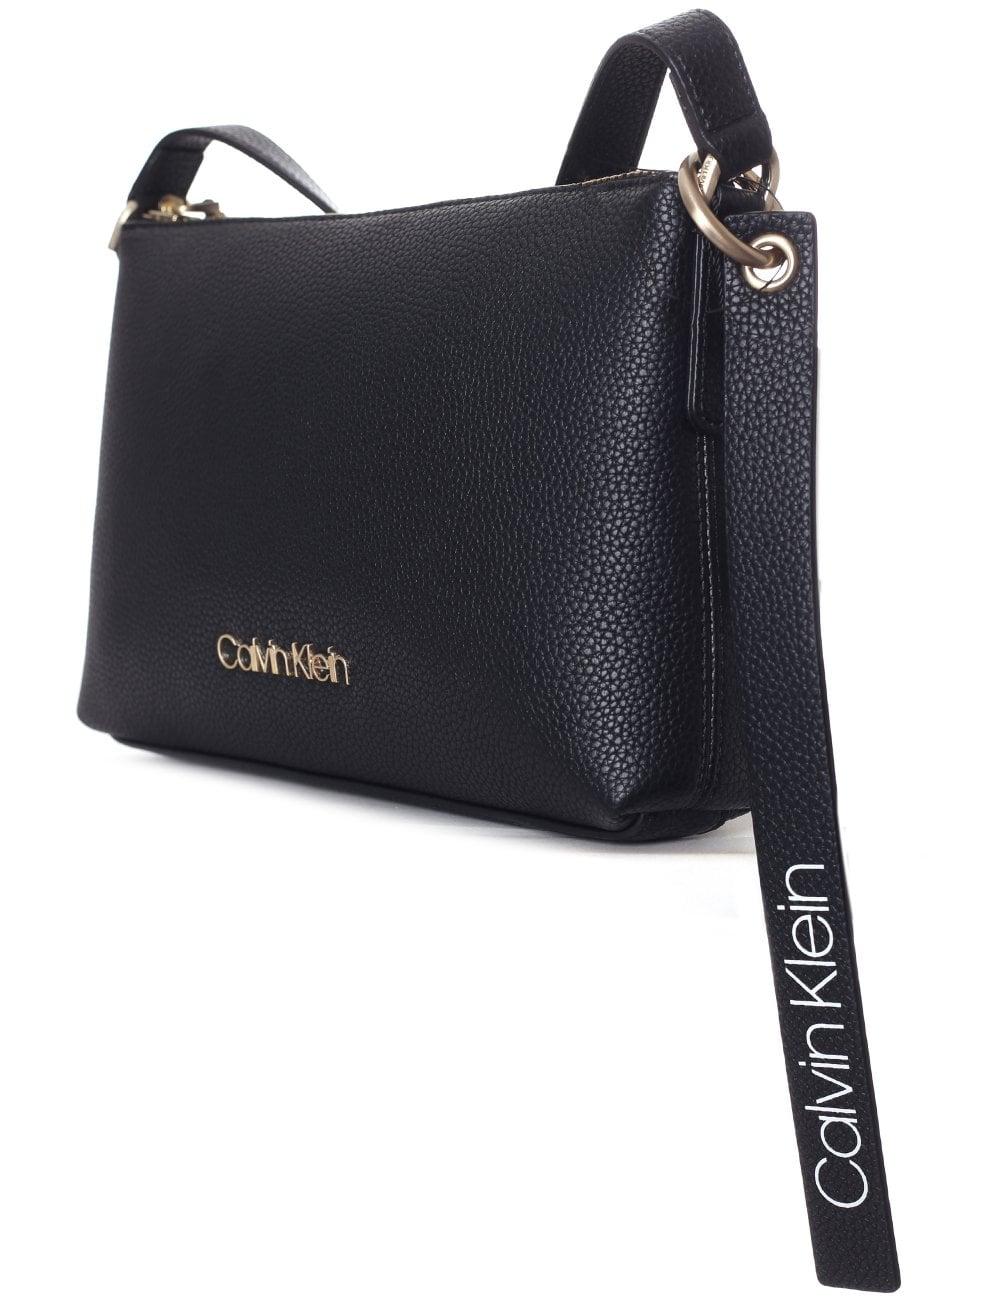 Women's Bags & Handbags | CALVIN KLEIN